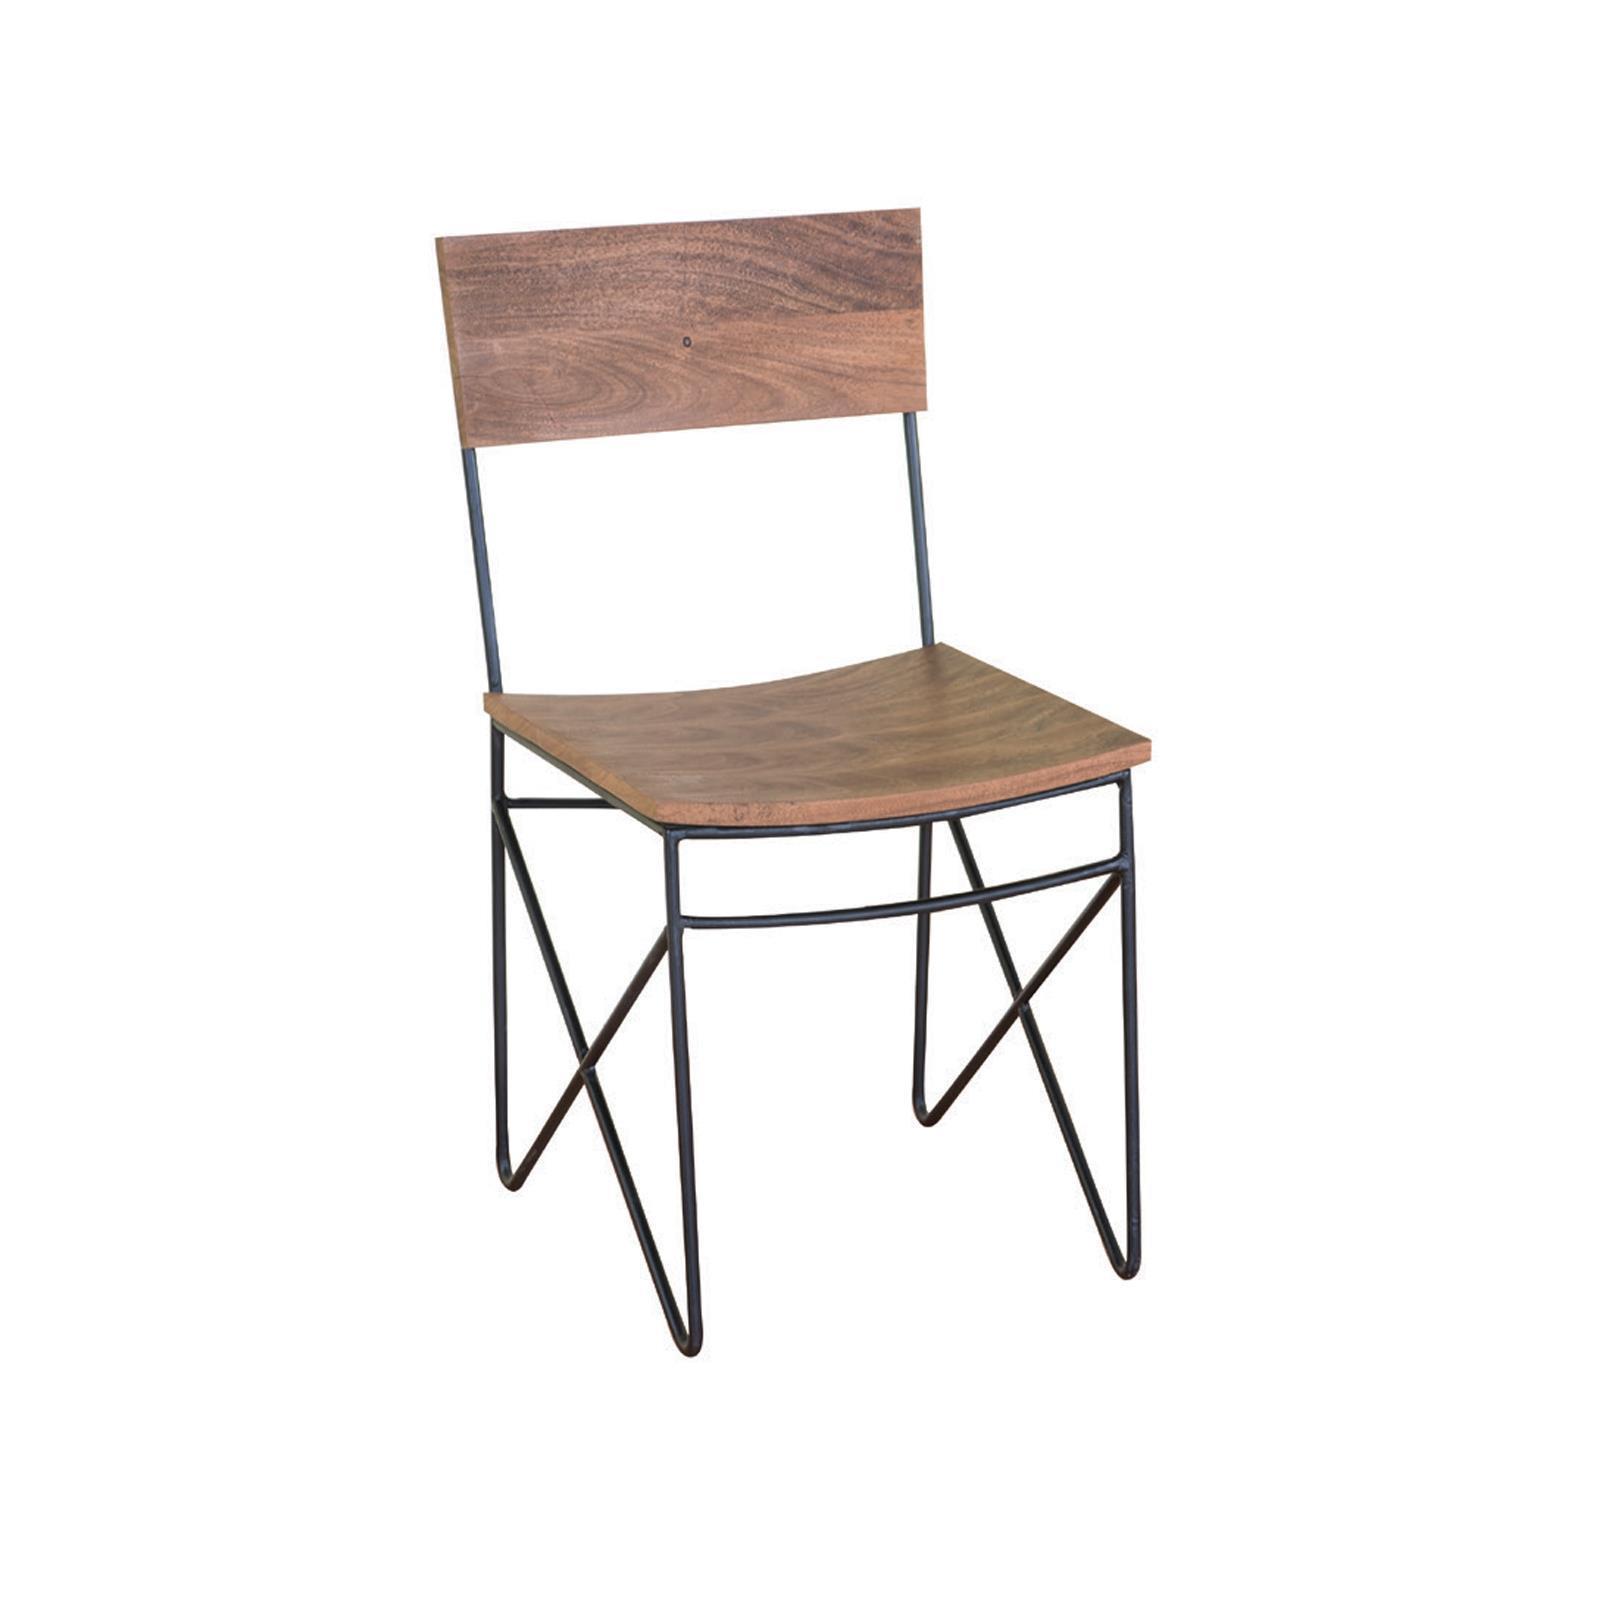 NAGAR καρέκλα μεταλλική μαύρη με ξύλο ακακίας Υ83x48x42εκ.